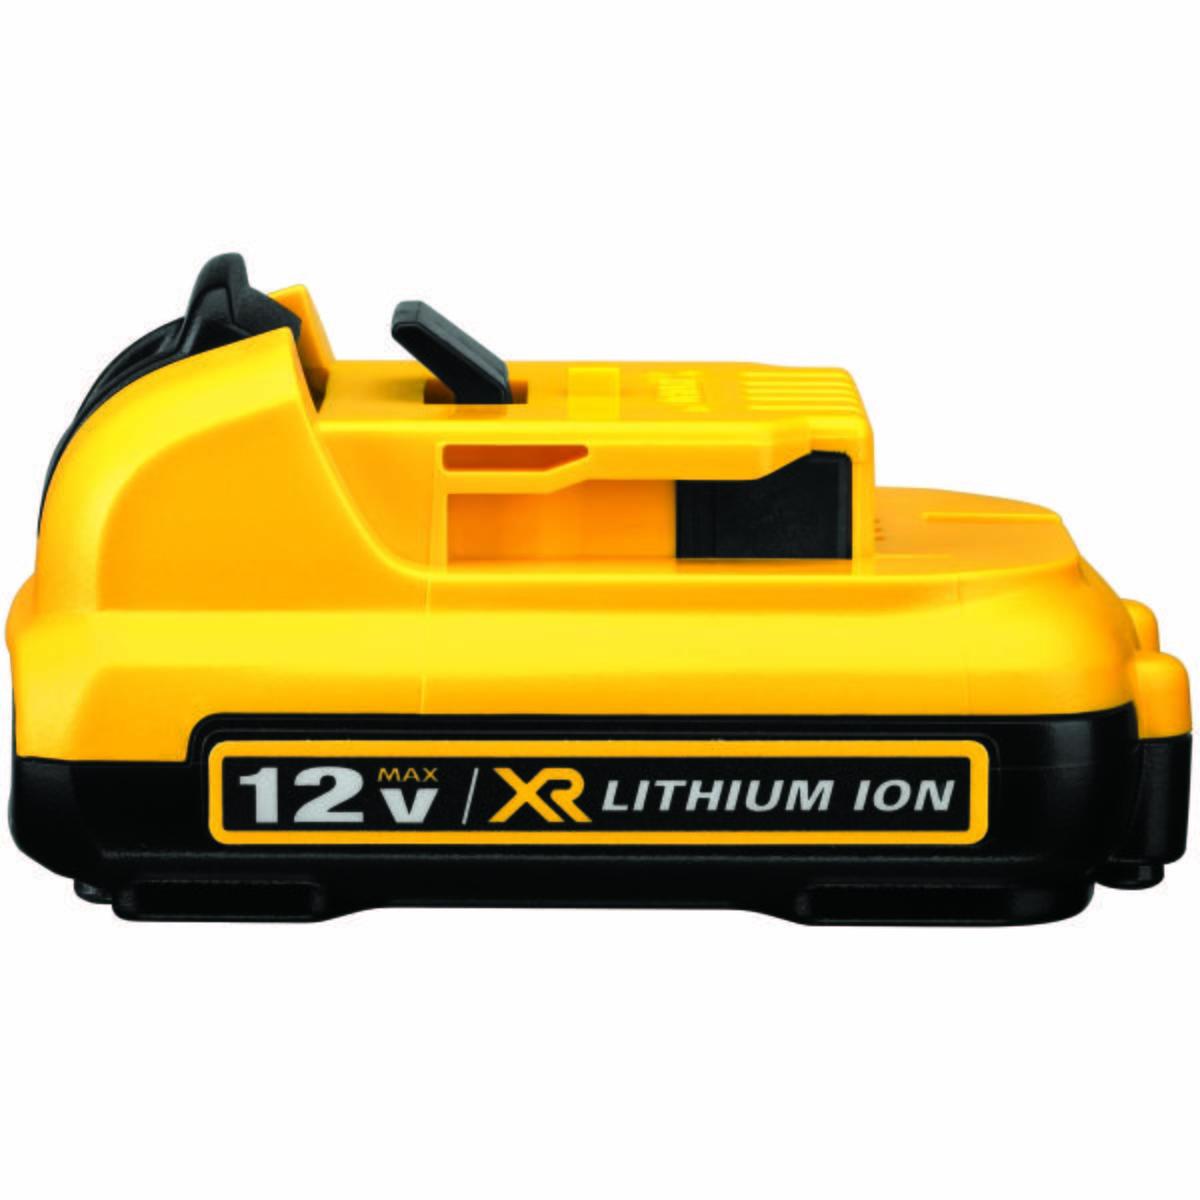 12V MAX* 2.0 ah Battery